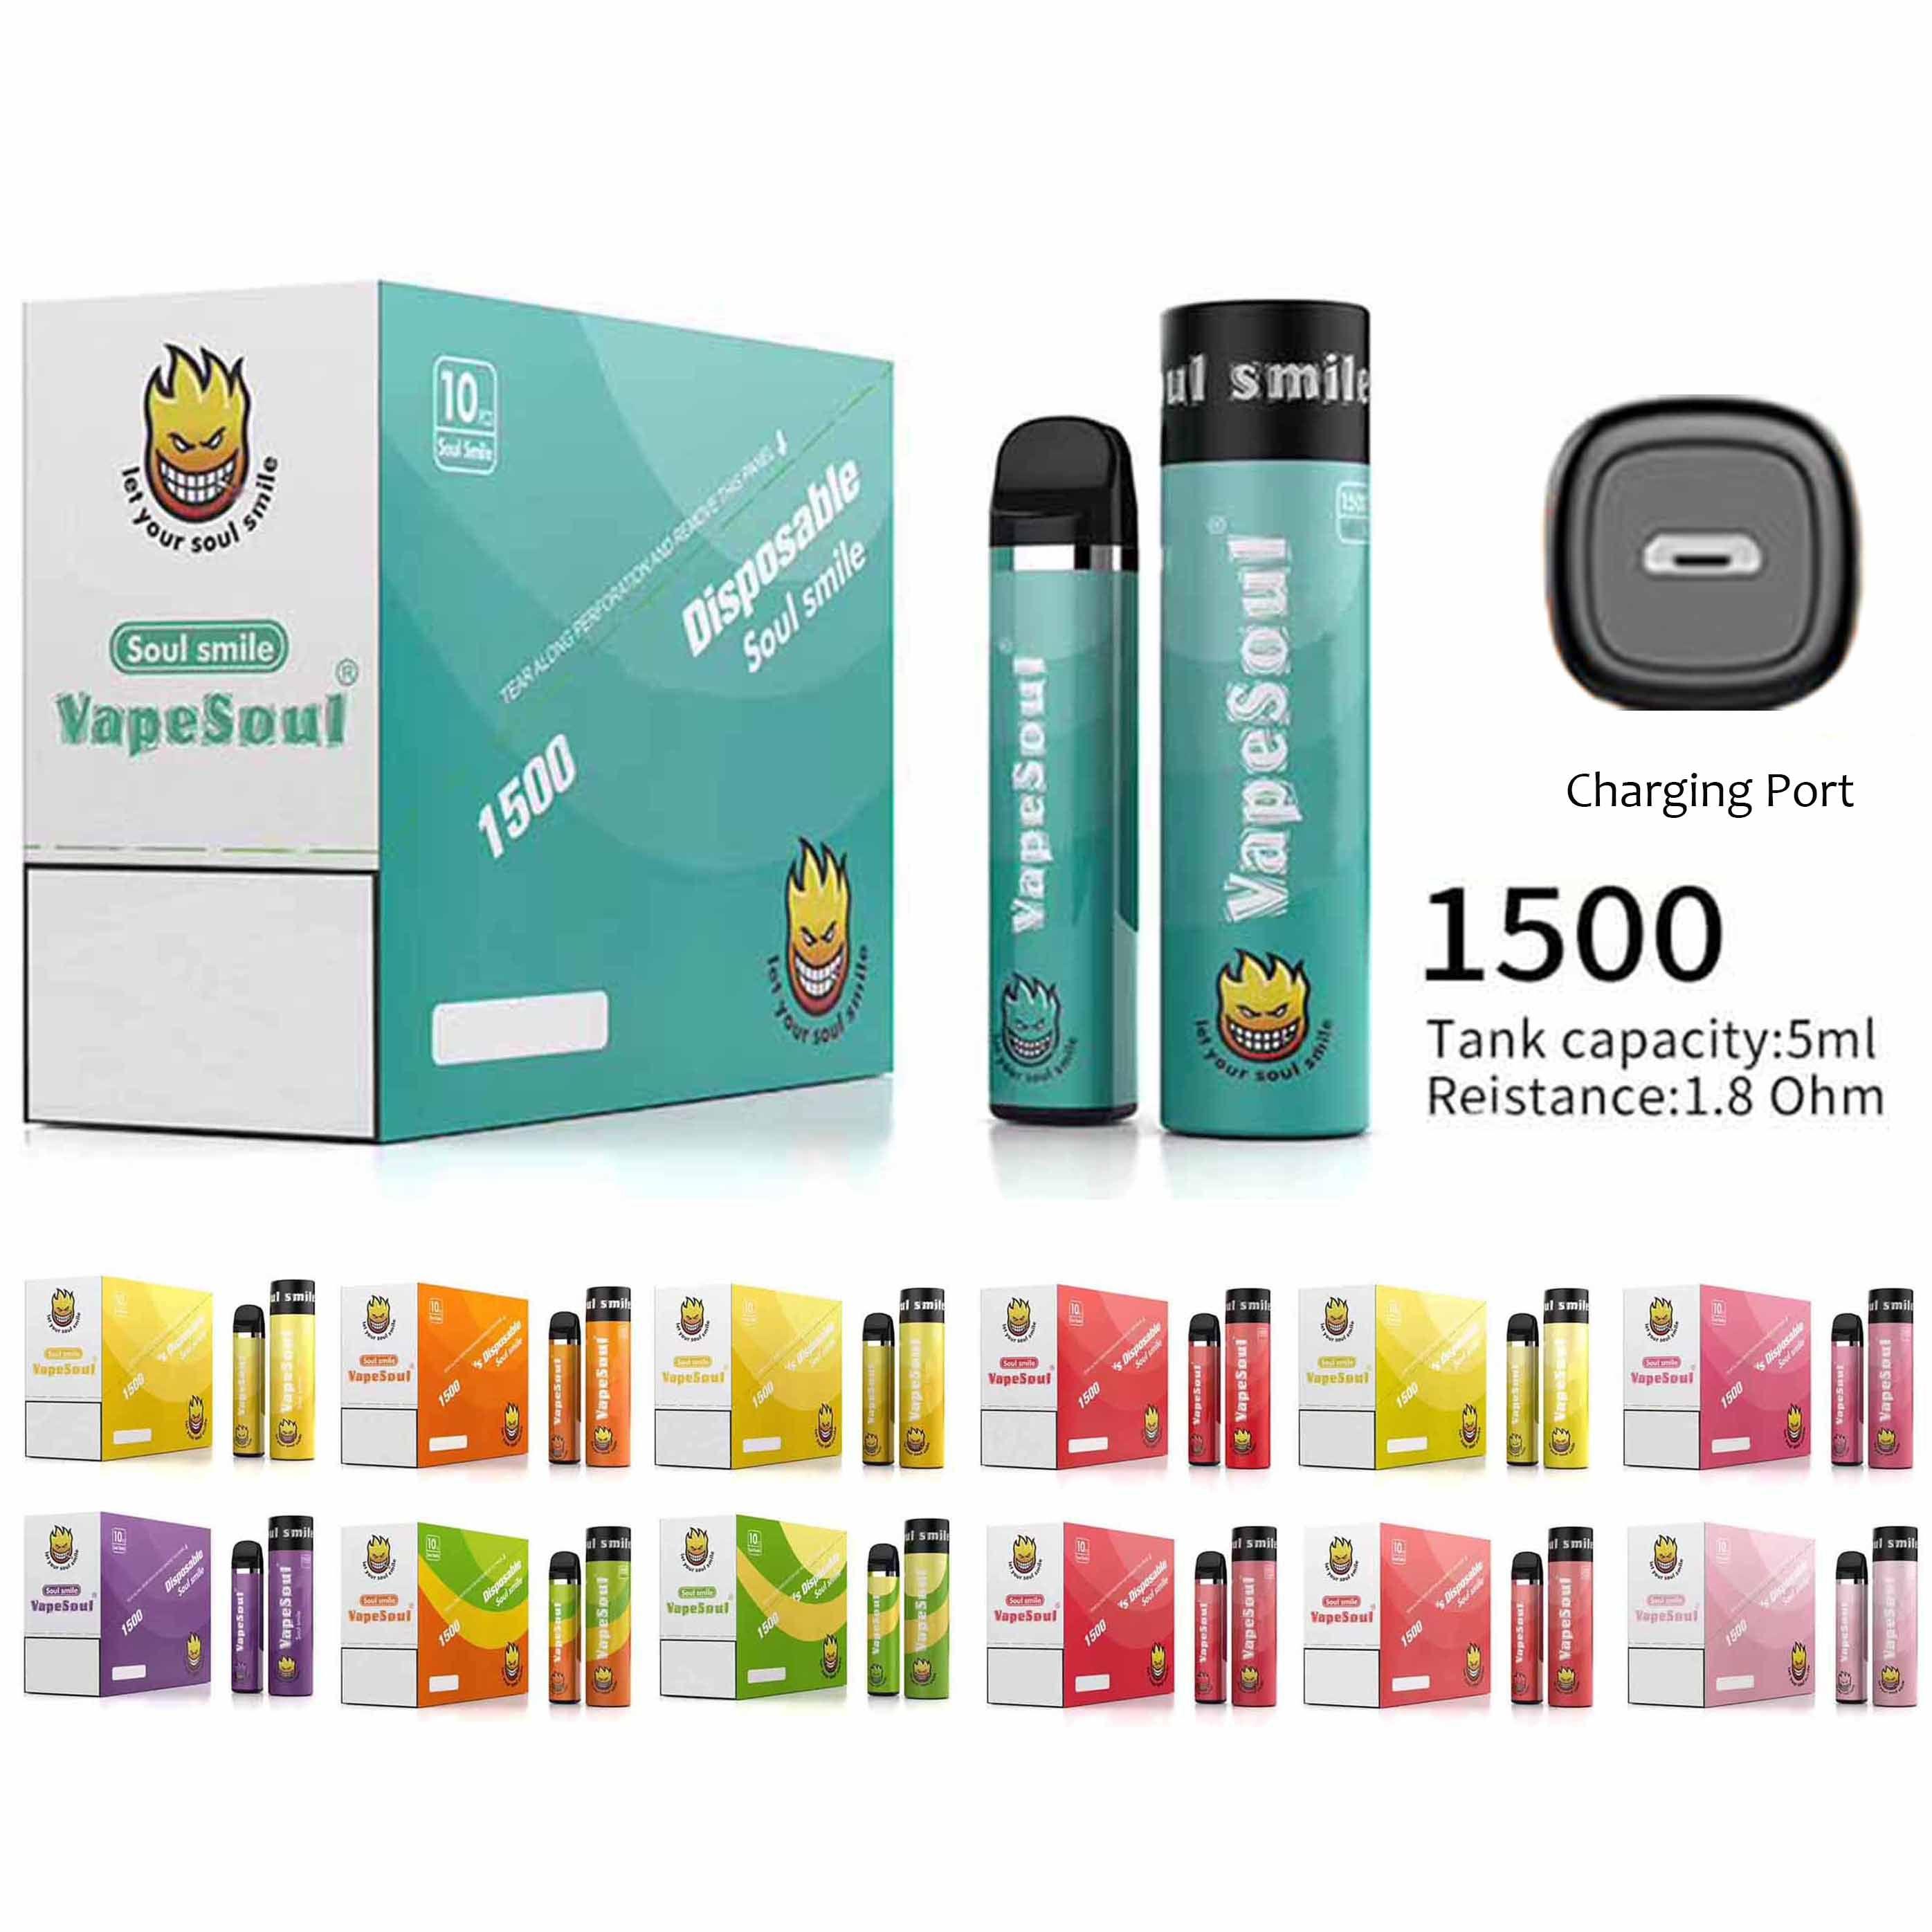 Vape soul электронная сигарета спб купить краснодар склады табачных изделий